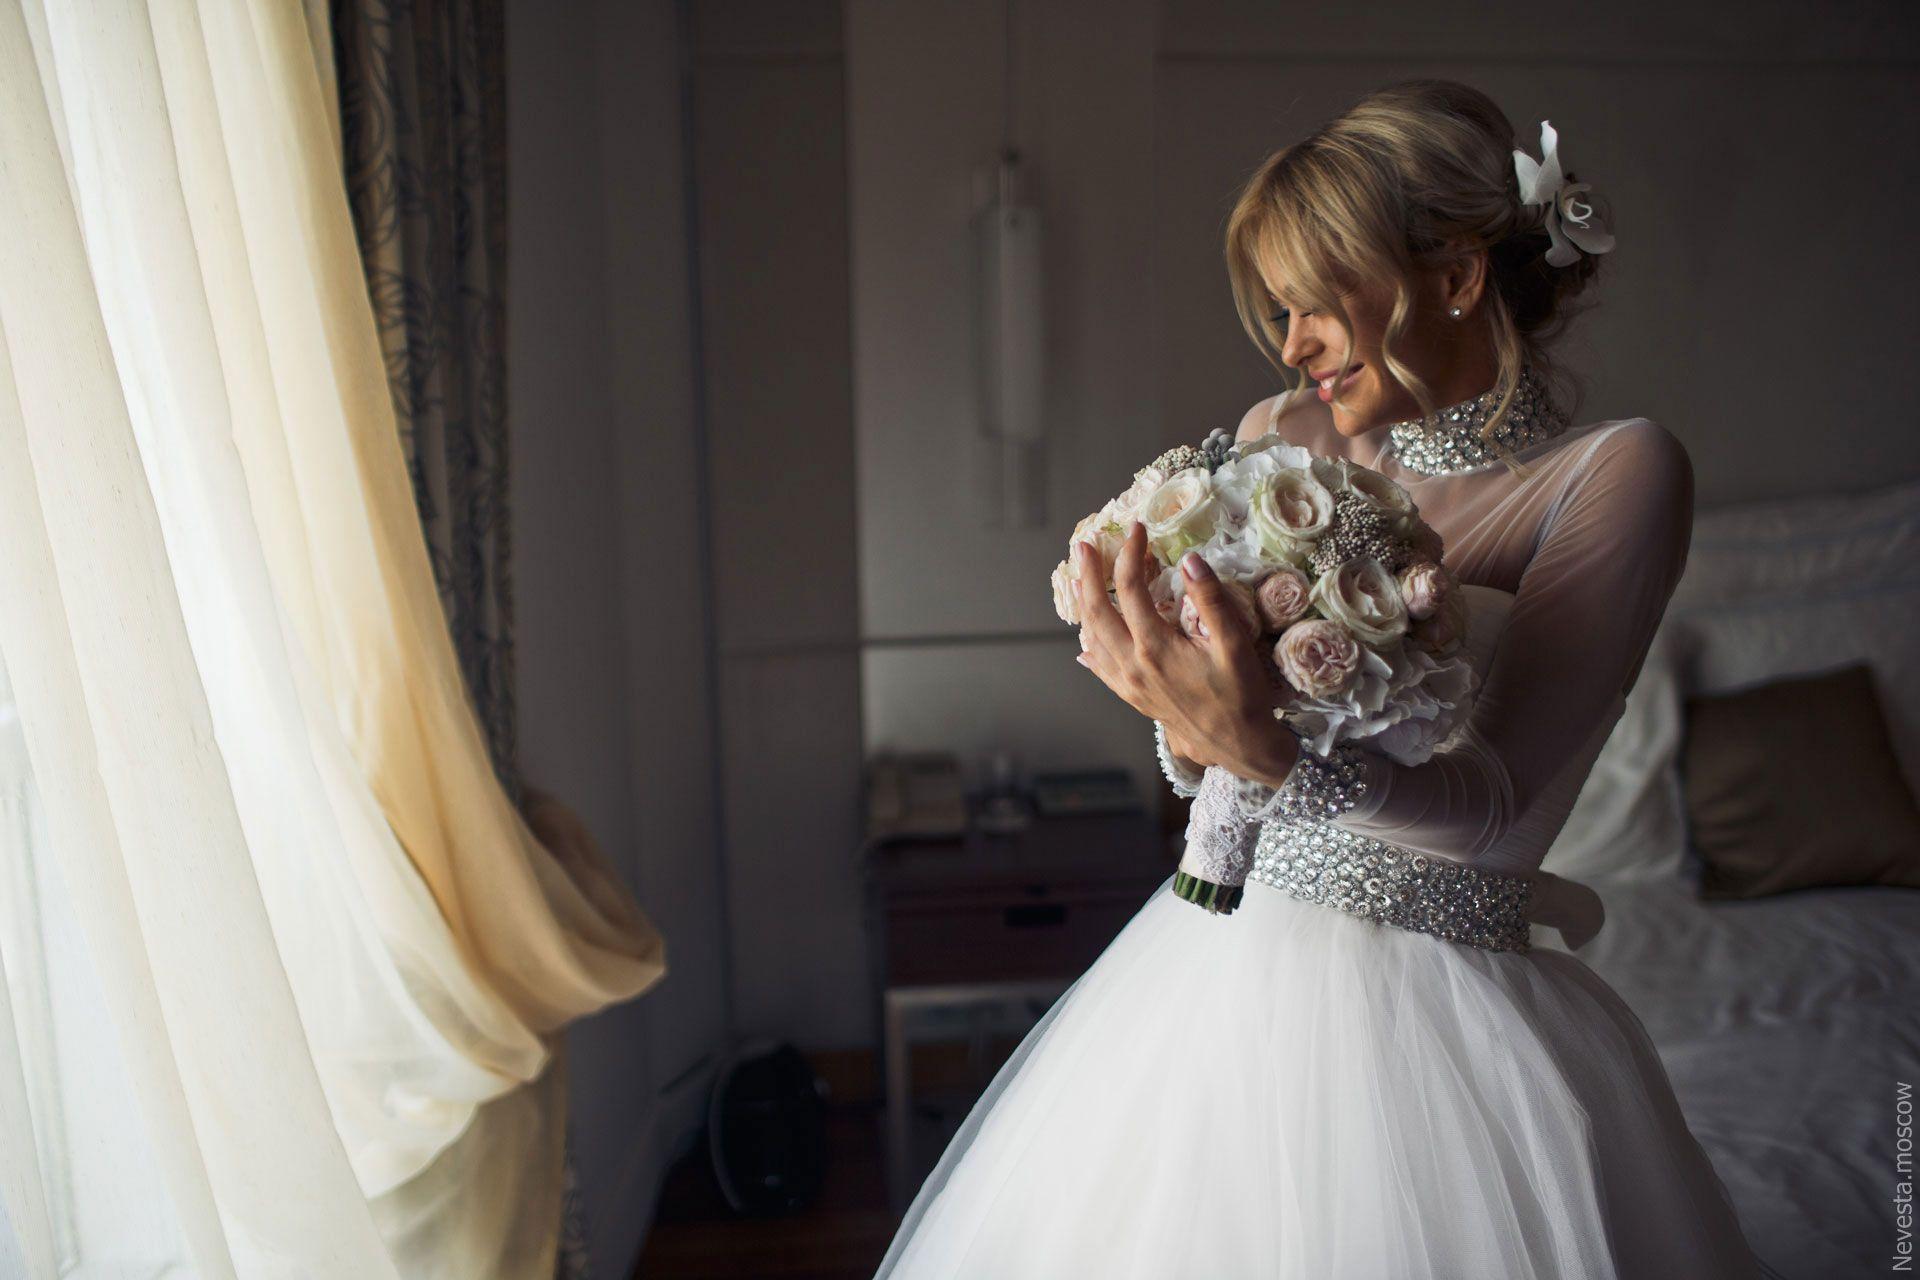 Свадьба Анны Хилькевич и Артура Волкова